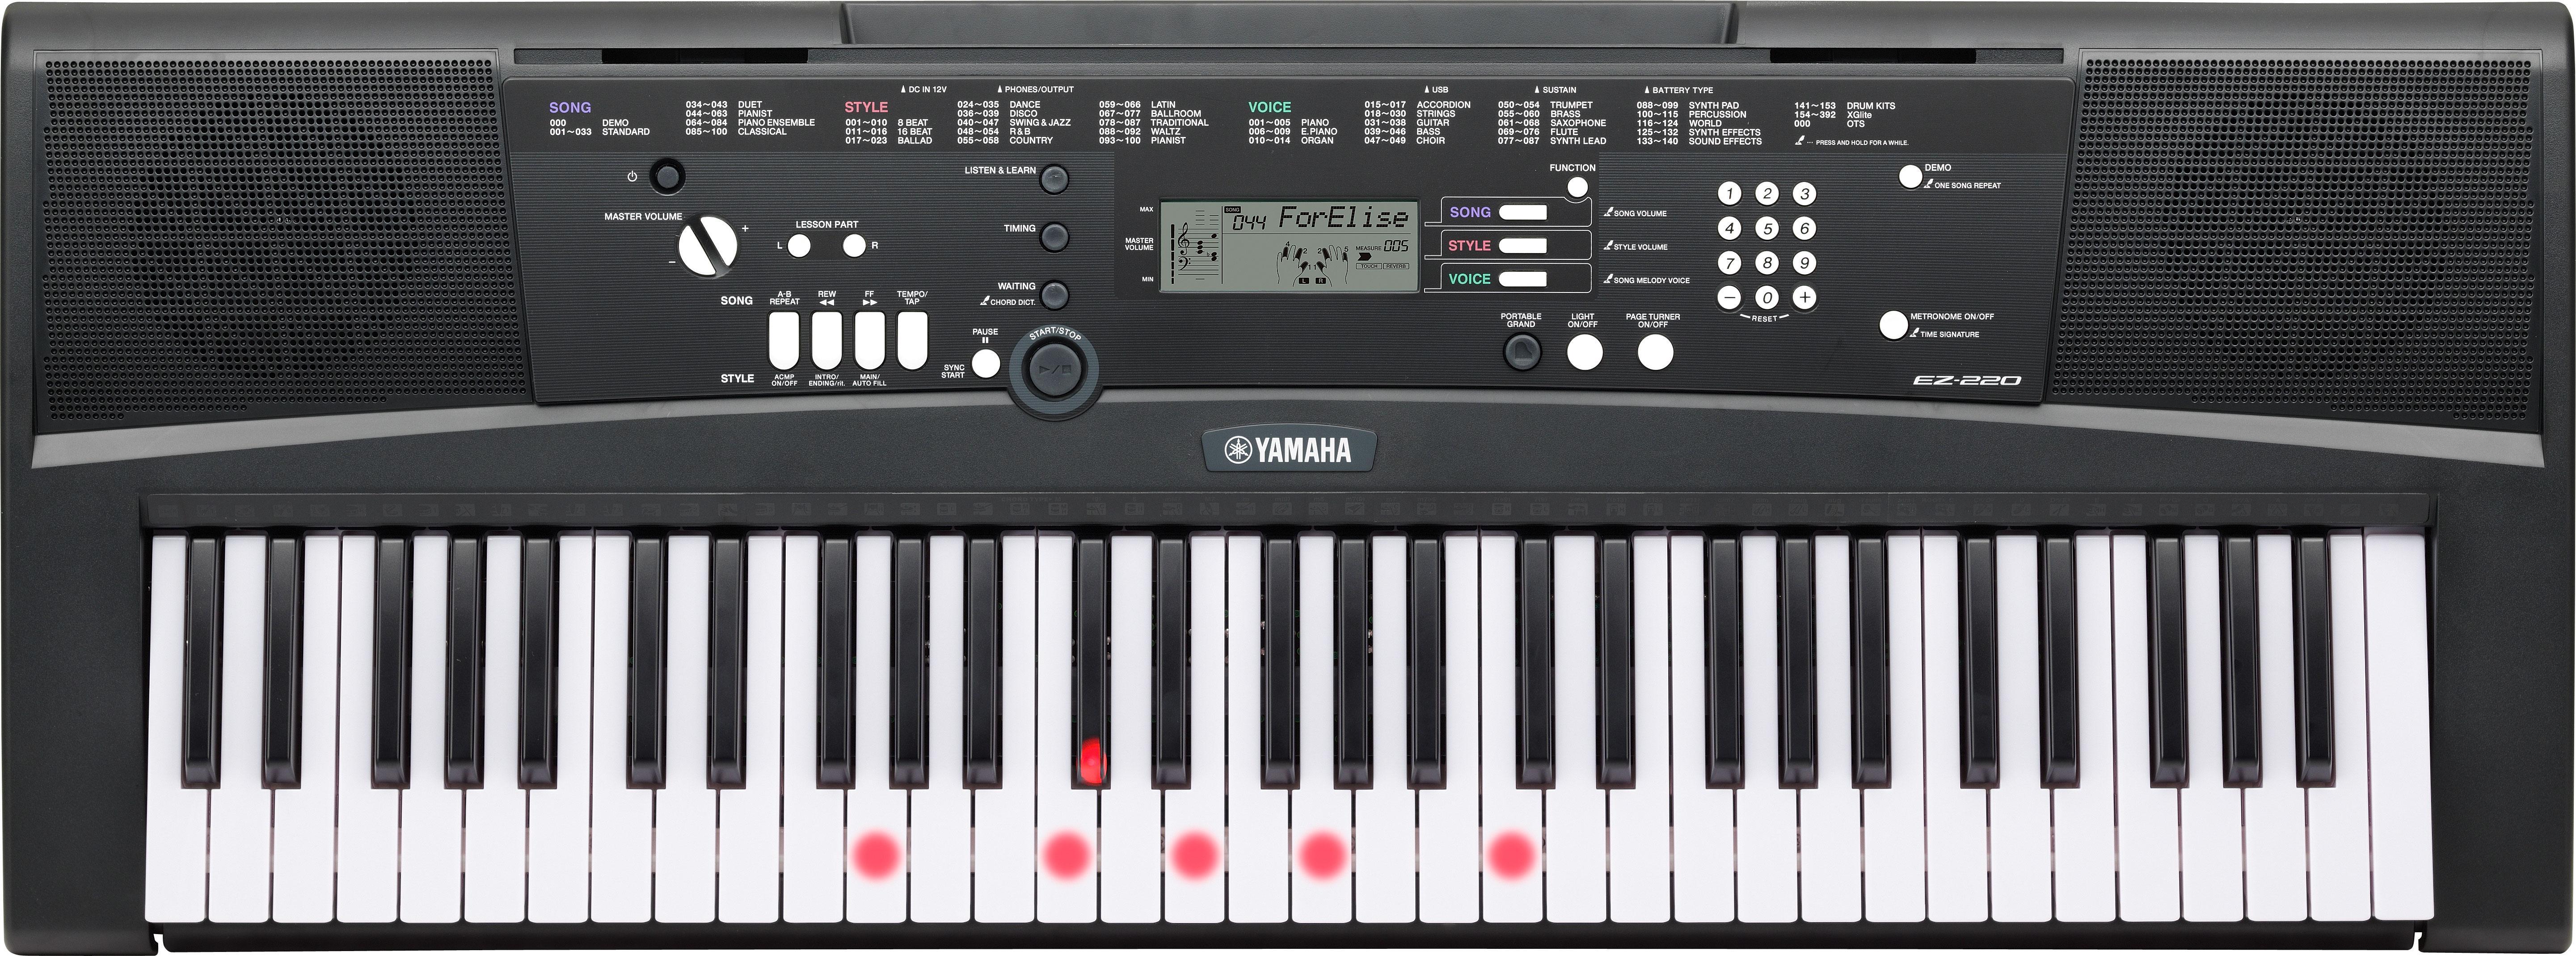 Yamaha Keyboard Lighted Keys